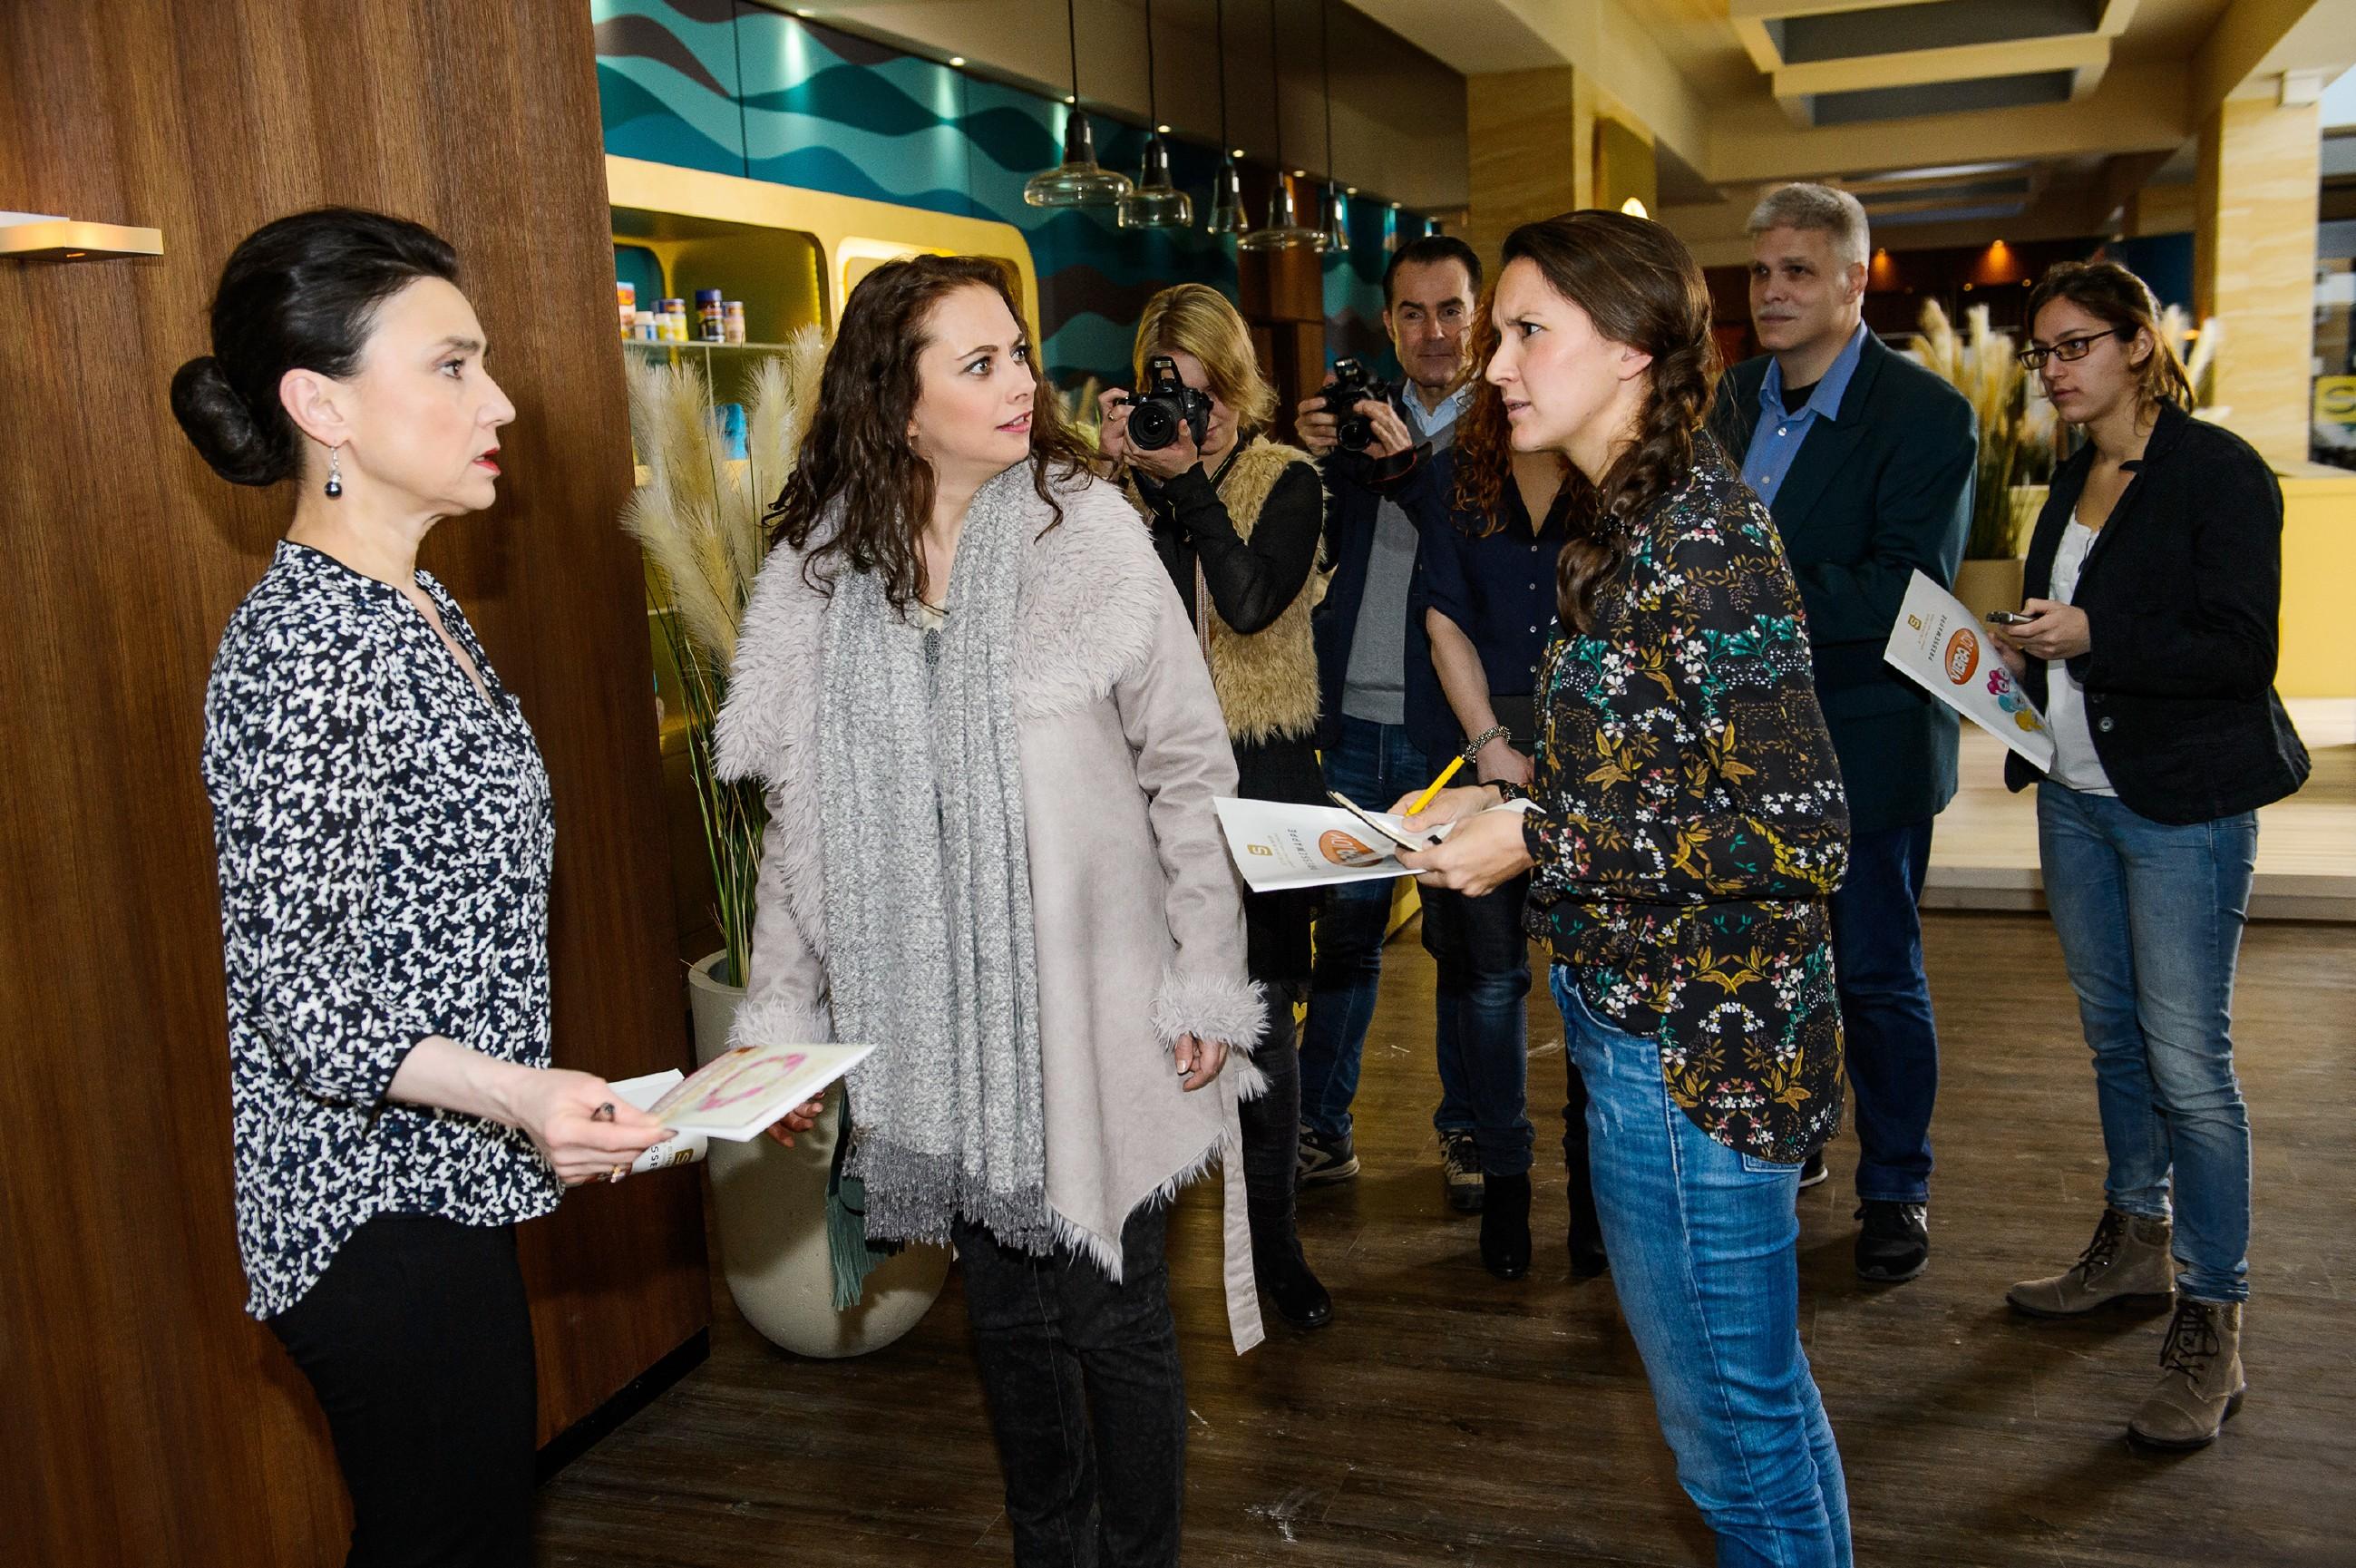 Der Konflikt zwischen Simone (Tatjana Clasing, l.) und Carmen (Heike Warmuth, 2.v.l.) ist für die anwesende Presse ein gefundenes Fressen... (Quelle: RTL / Willi Weber)